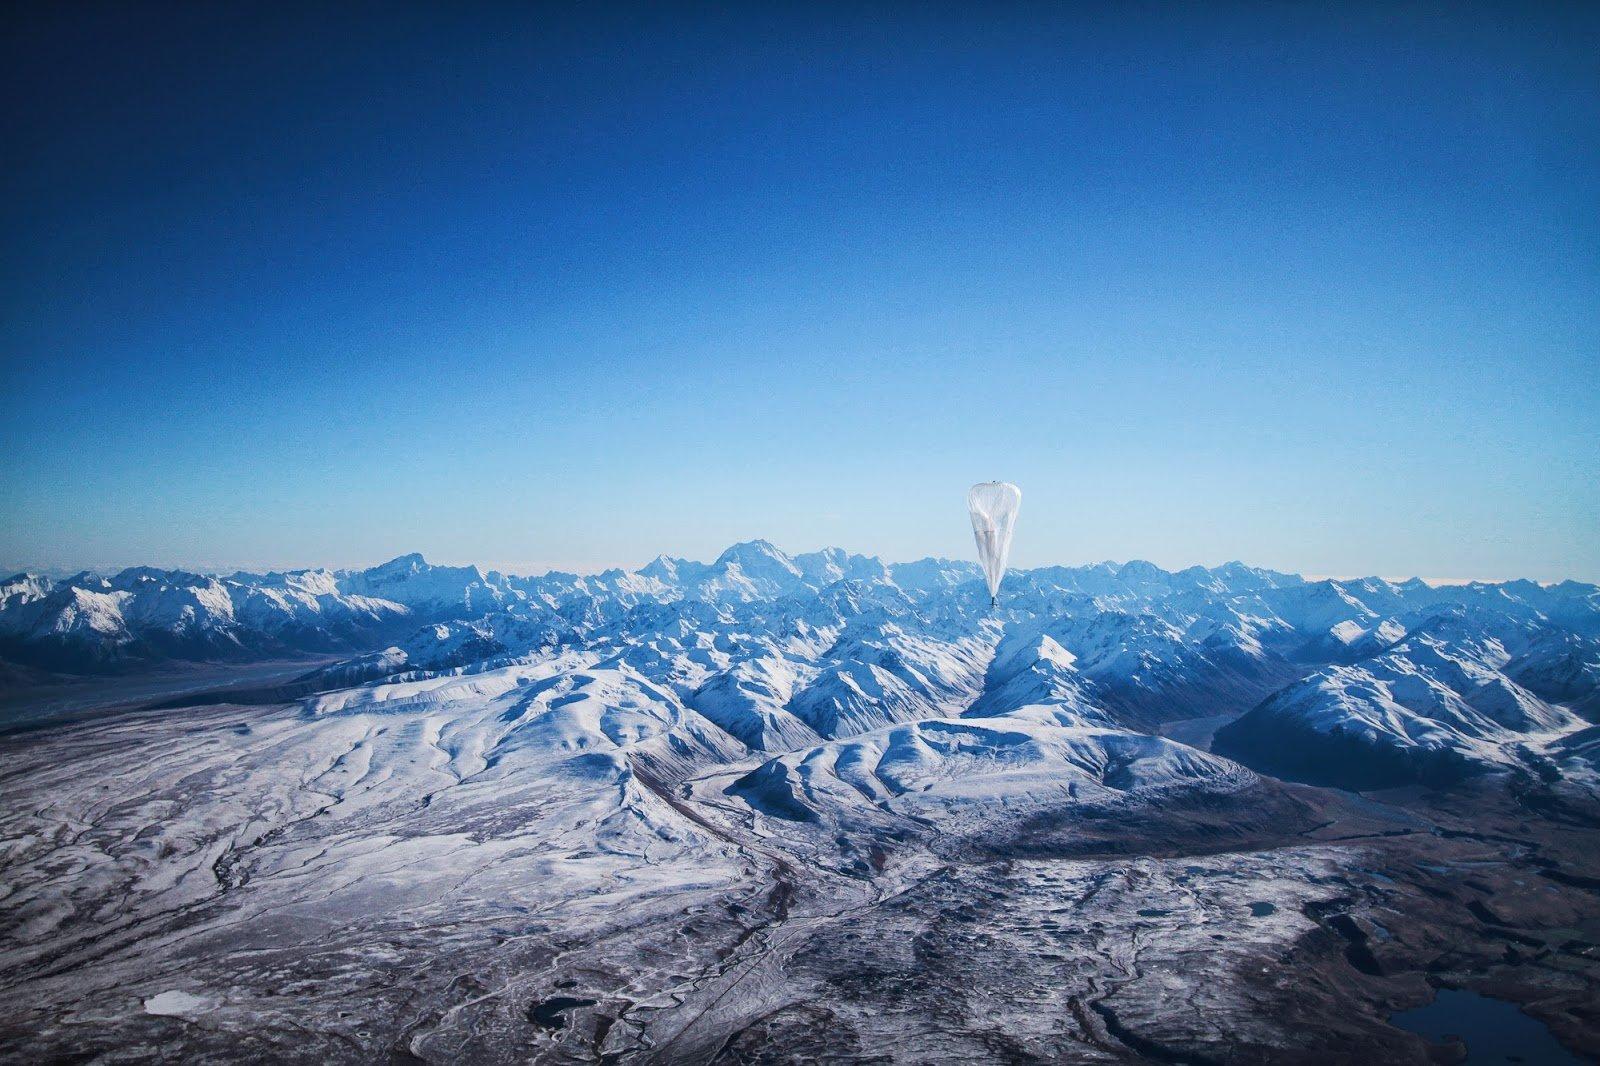 Google Loon: Der Suchmaschinenkonzern will Ballons in der Stratosphäre nutzen, um das Internet in Regionen zu bringen, die bislang davon abgeschnitten sind.